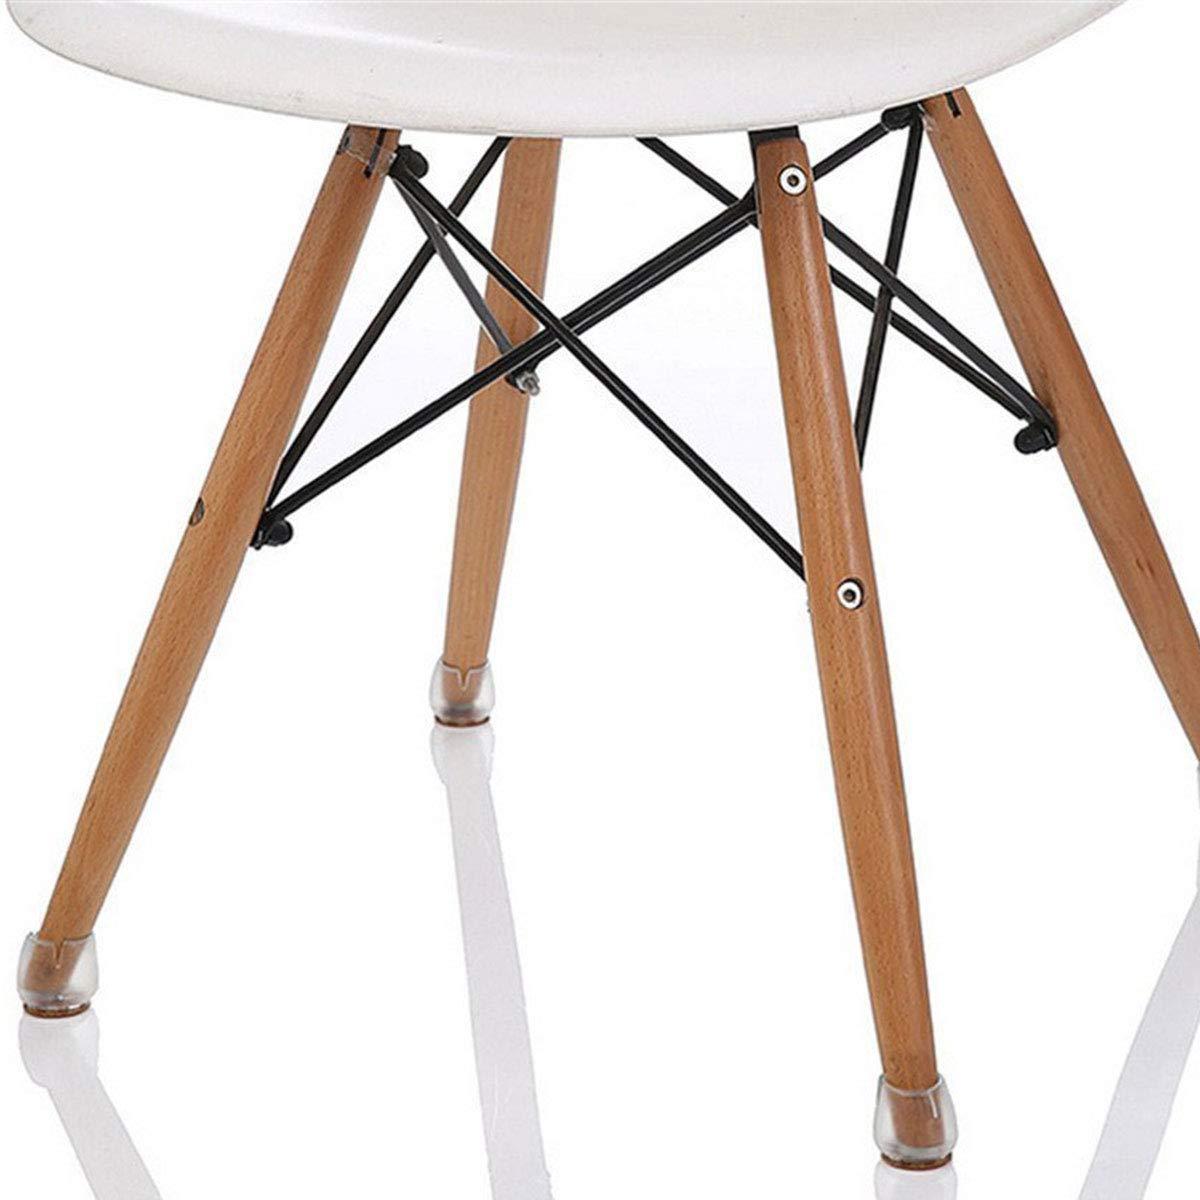 Almohadillas de Silicona para Patas de sillas Protectores de Suelo para Patas Redondas de 25 a 29 mm ExeQianming 8 Unidades